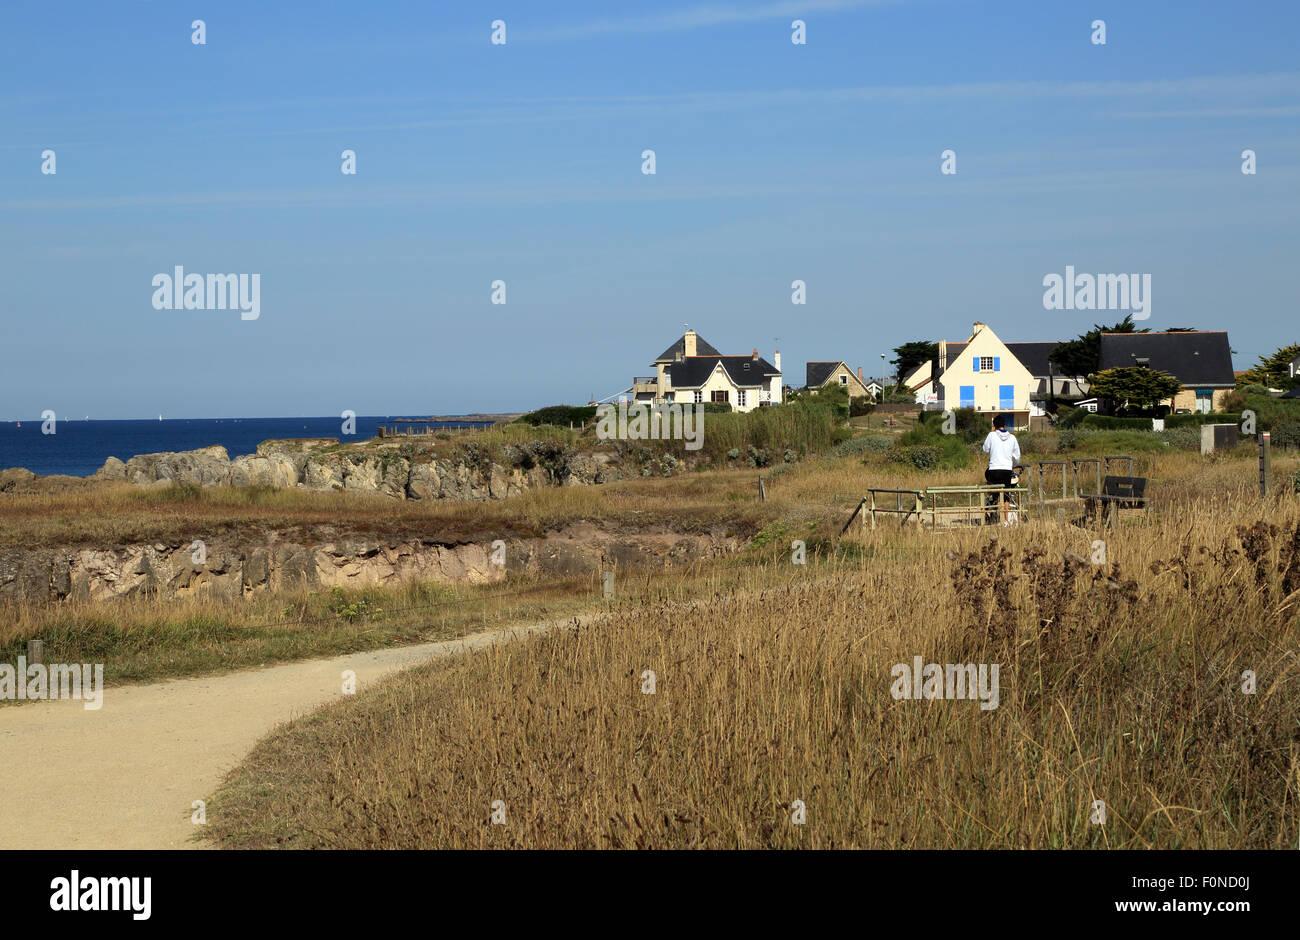 View along Boulevard des Korrigans, Le Pouliguen, Loire Atlantique, France, Europe - Stock Image